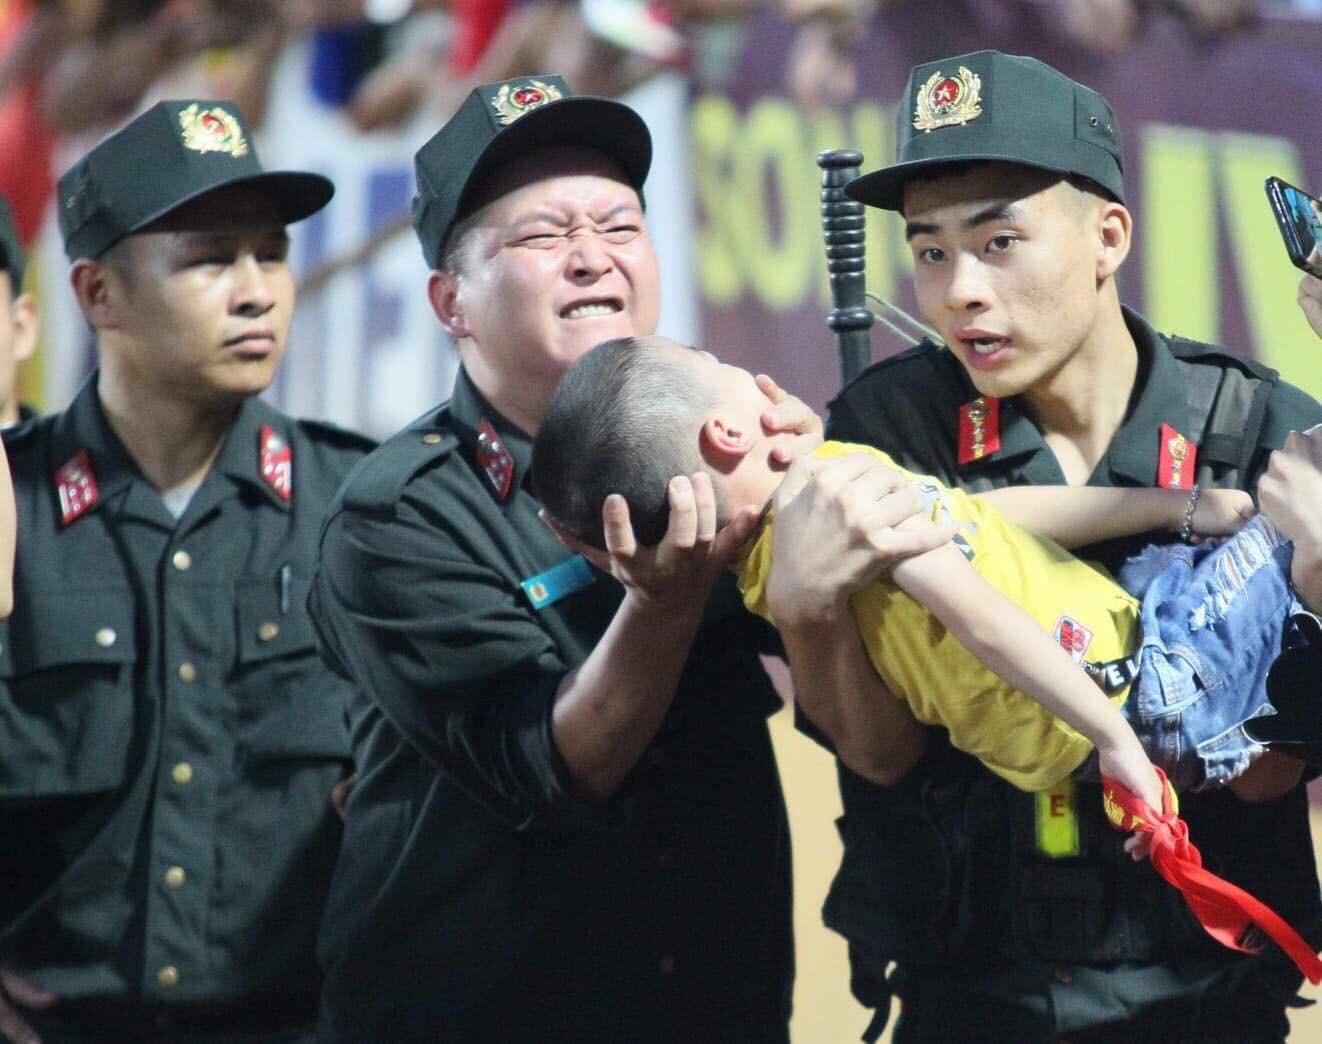 Bé trai bị co giật khi ngồi trên khán đài xem đá bóng, may mắn được đưa đi cấp cứu kịp thời-2